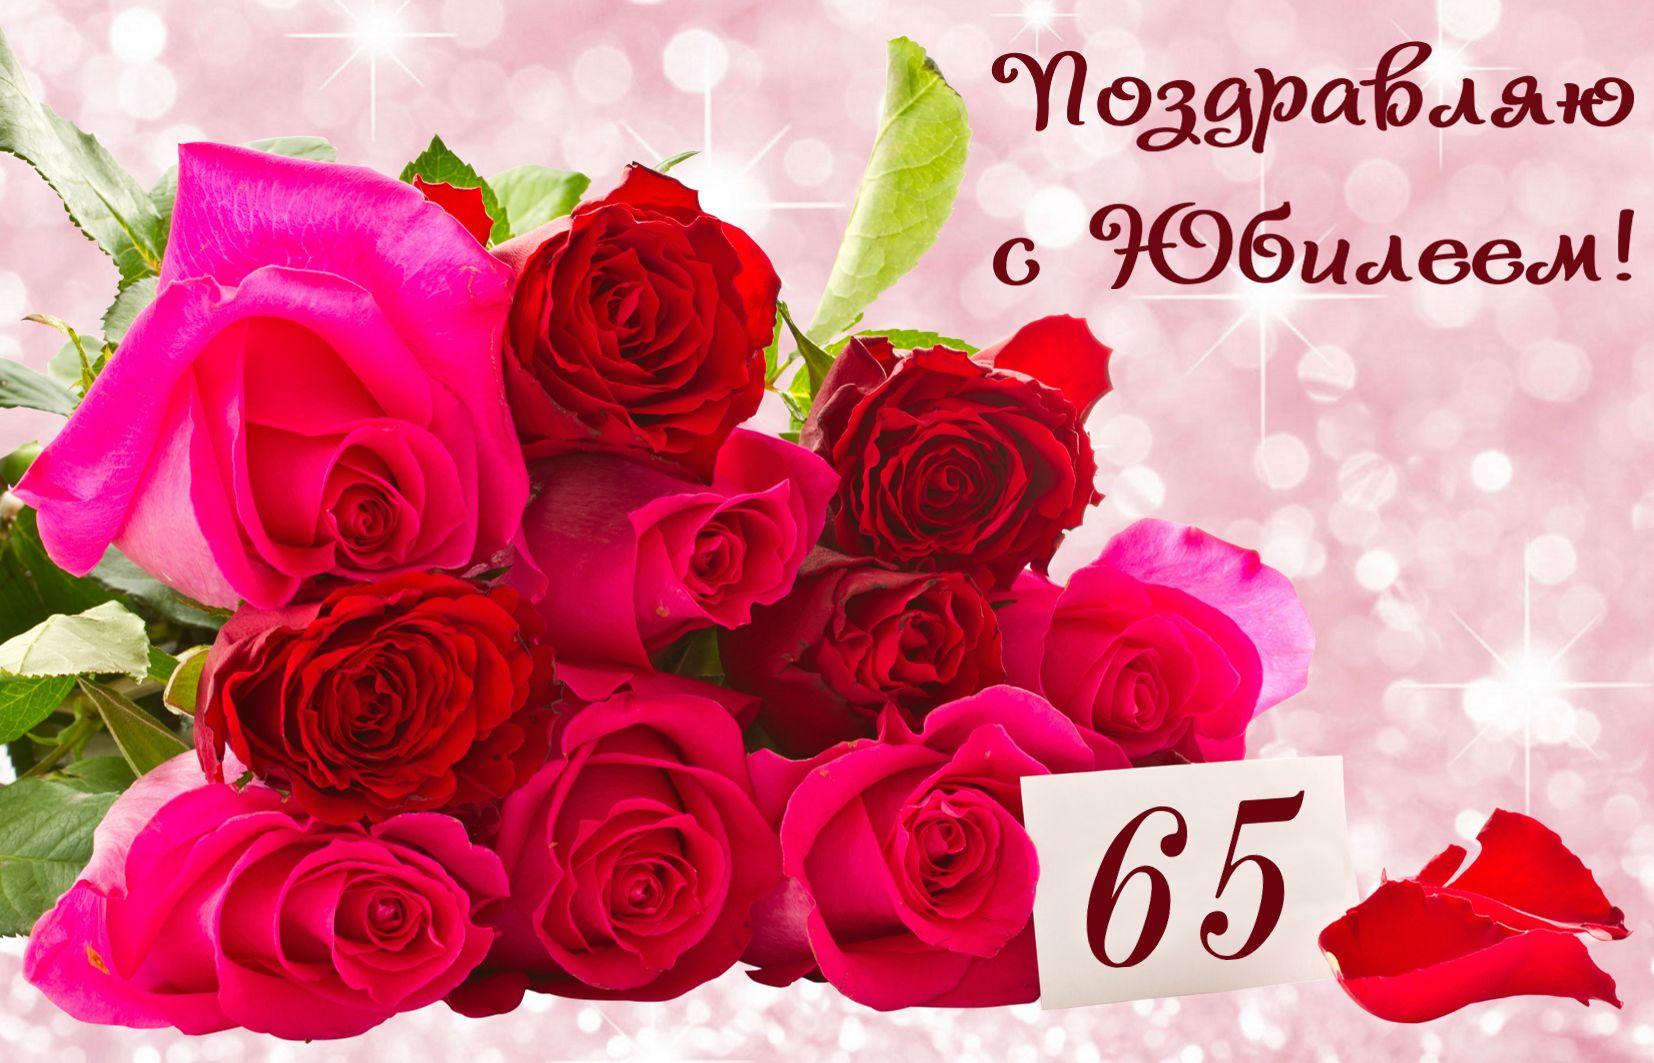 Открытка с розами на сияющем фоне на юбилей 65 лет